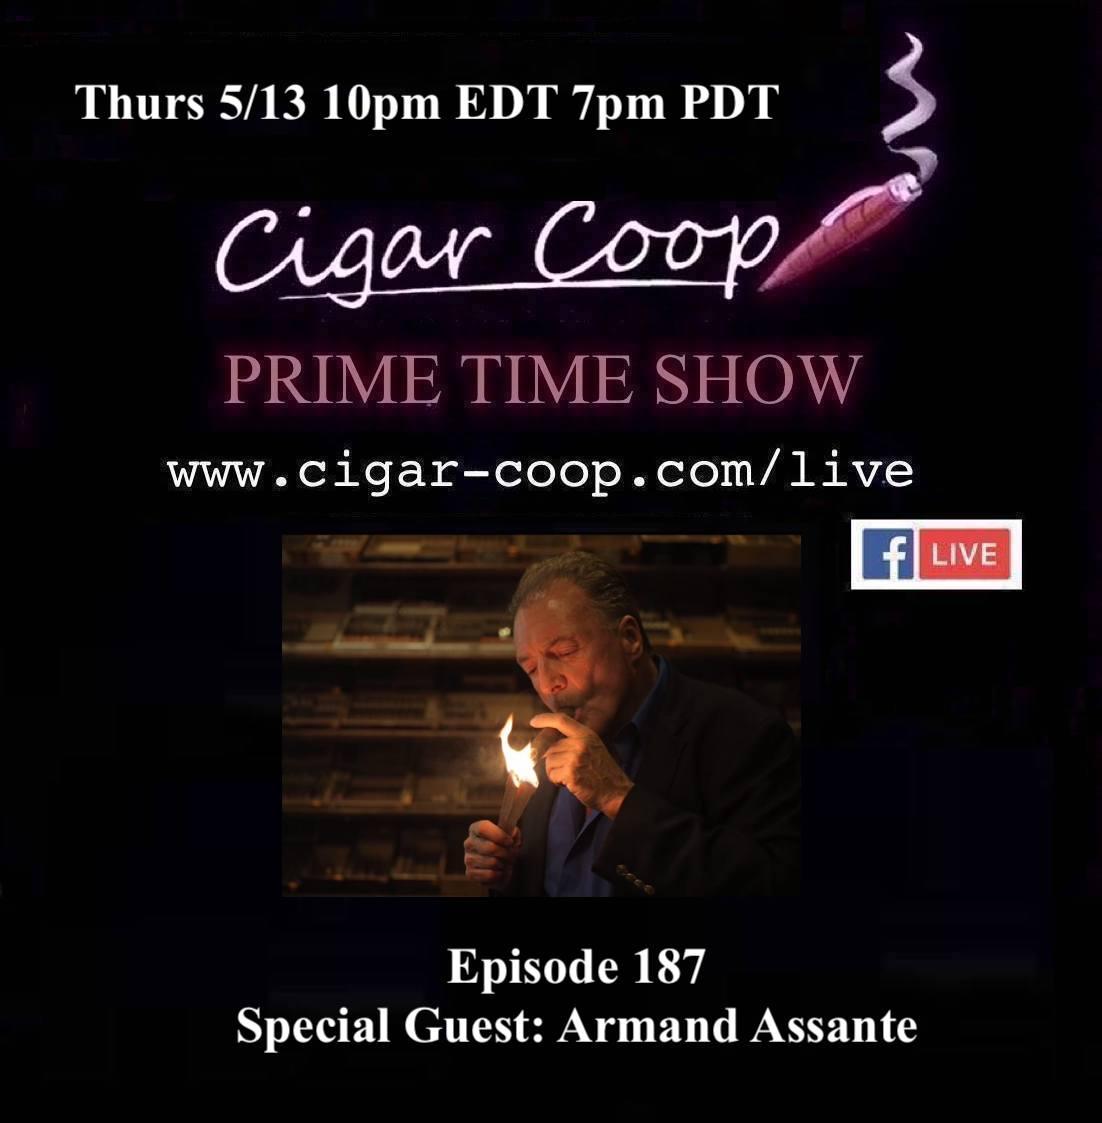 Announcement: Prime Time Episode 187 – Armand Assante